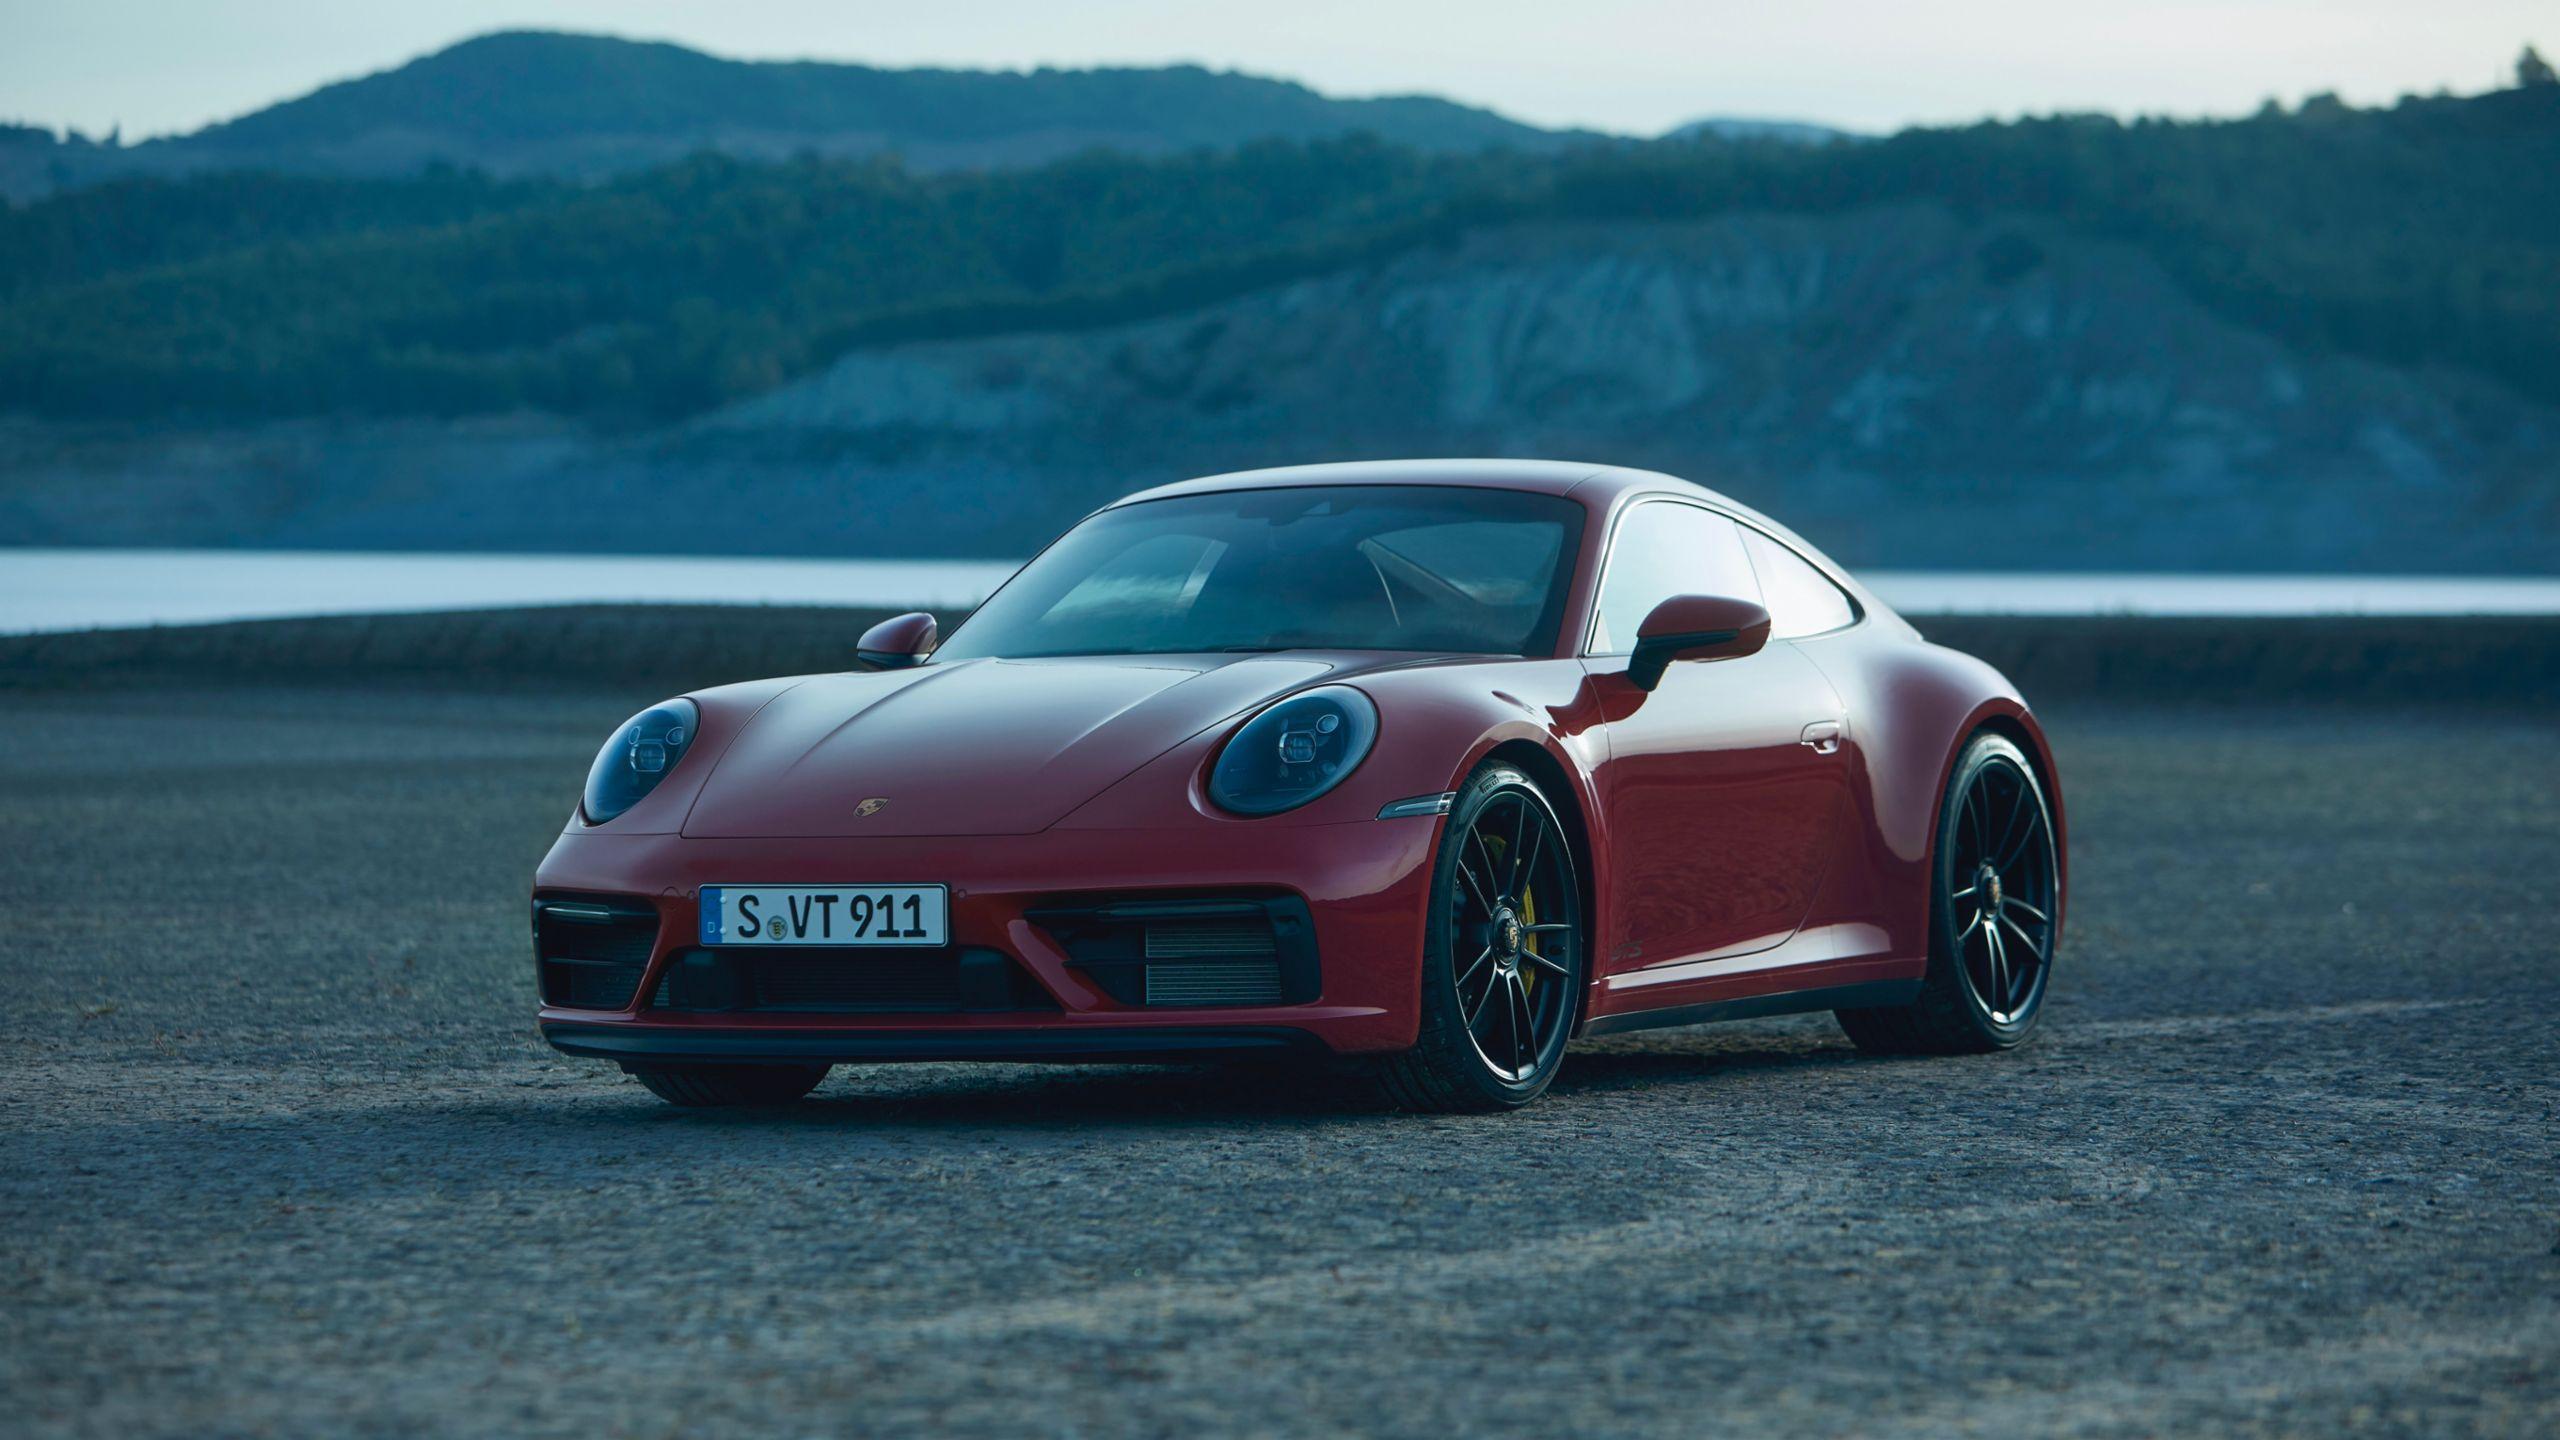 Nuova Porsche 911 GTS: design, interni e motore.